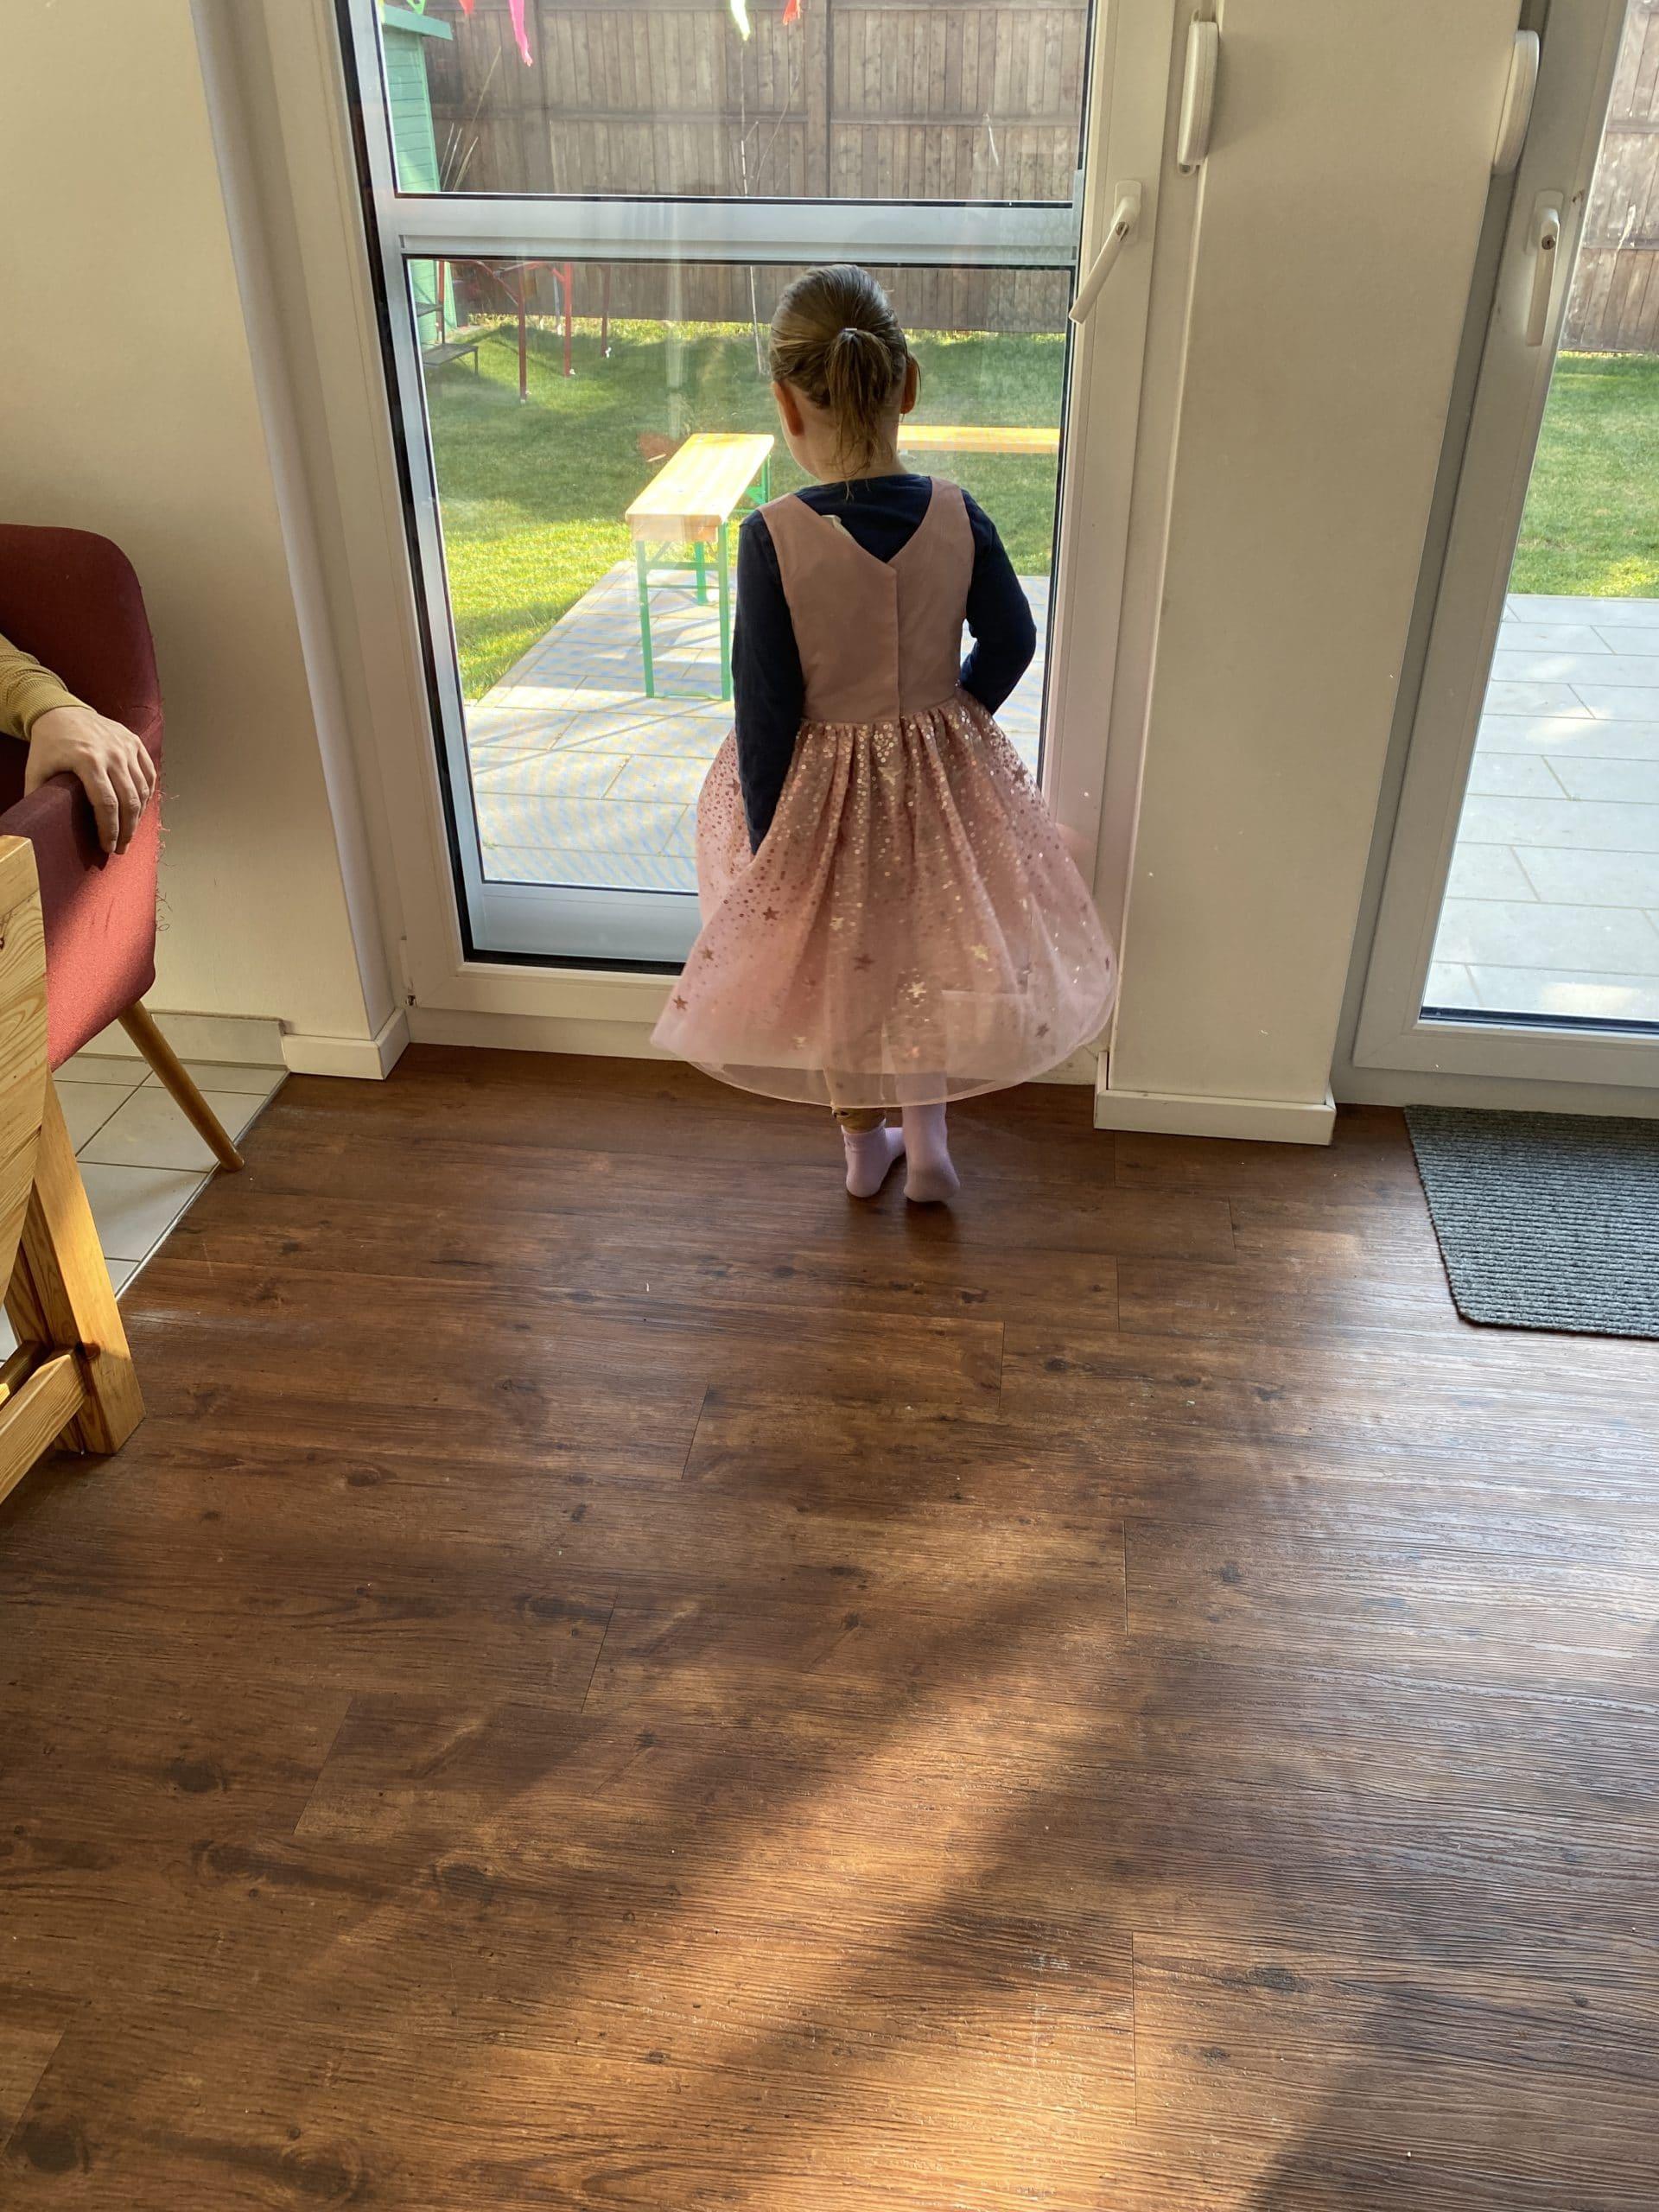 Hallo Ostersonntag. Das Kind zieht hübsche Sachen an.